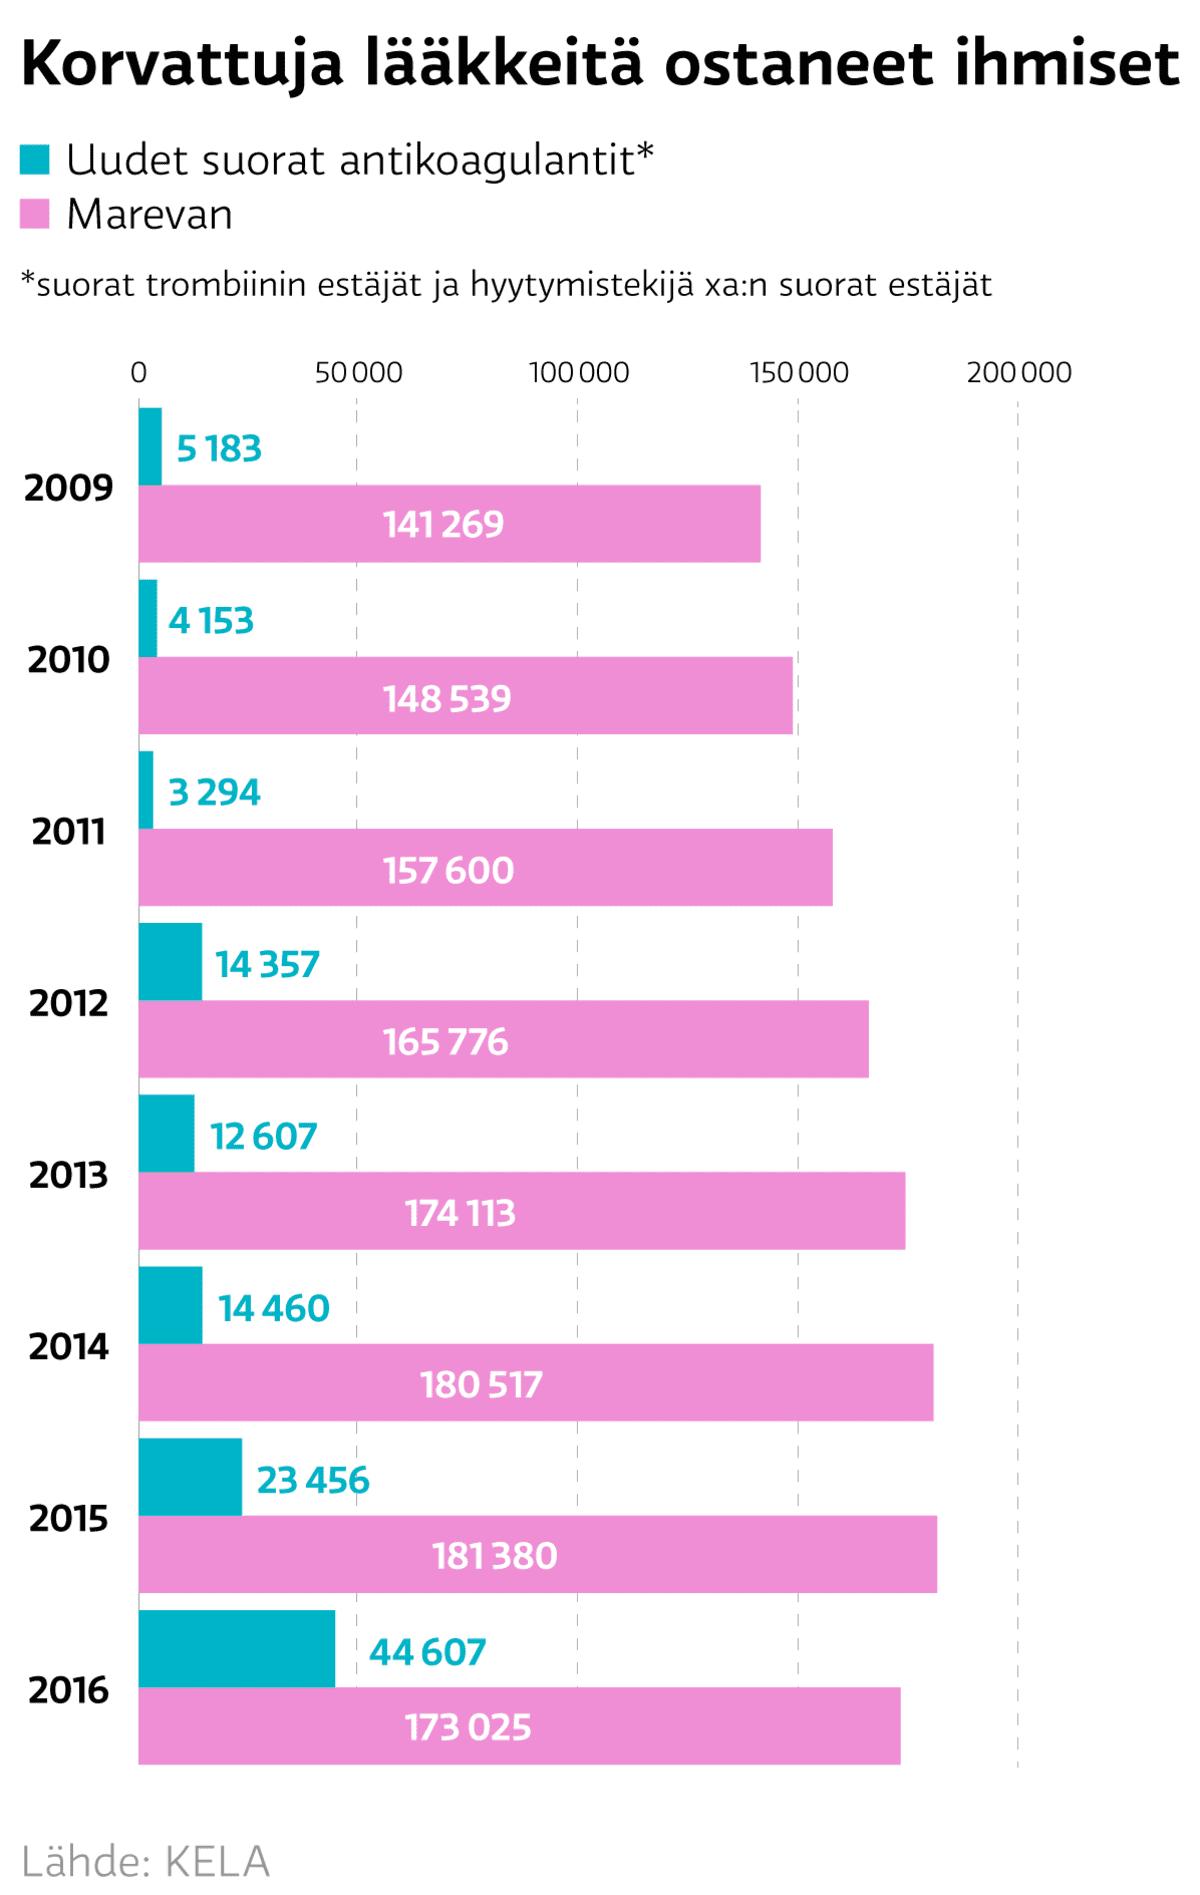 Grafiikka:  Marevan lääkkeita ja korvattuja lääkkeitä ostaneet ihmiset